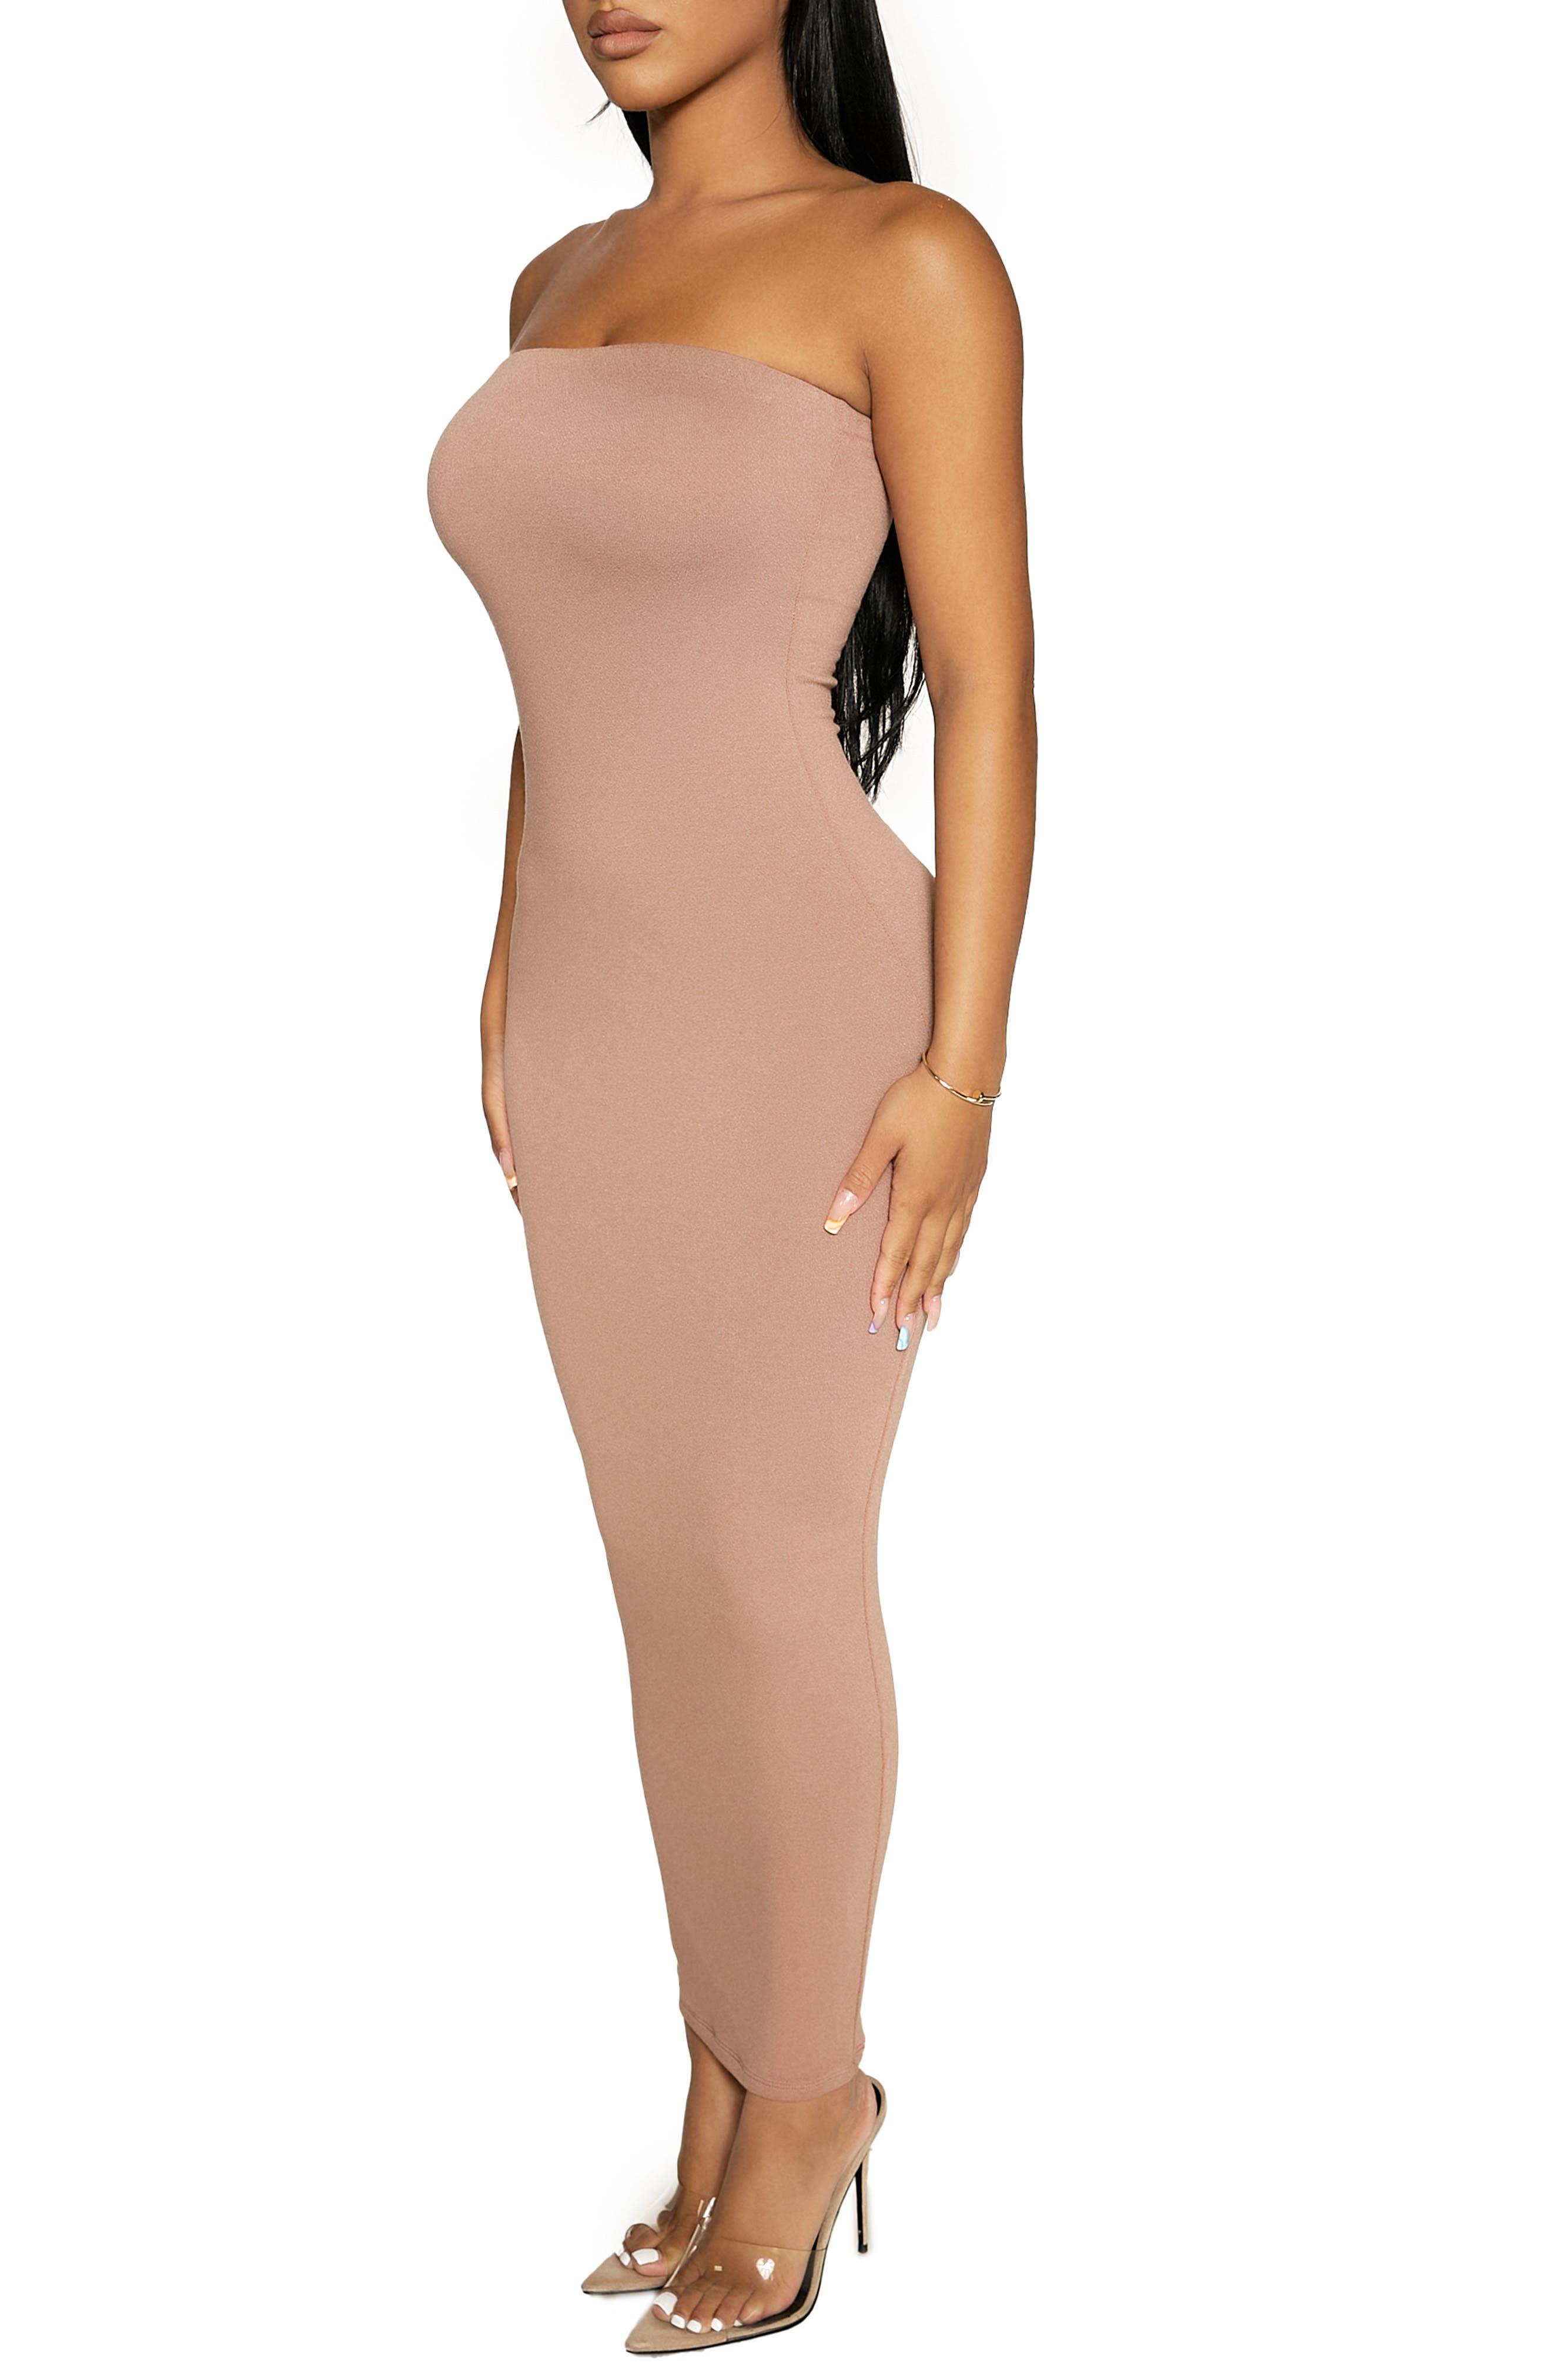 Women's Strapless Dresses